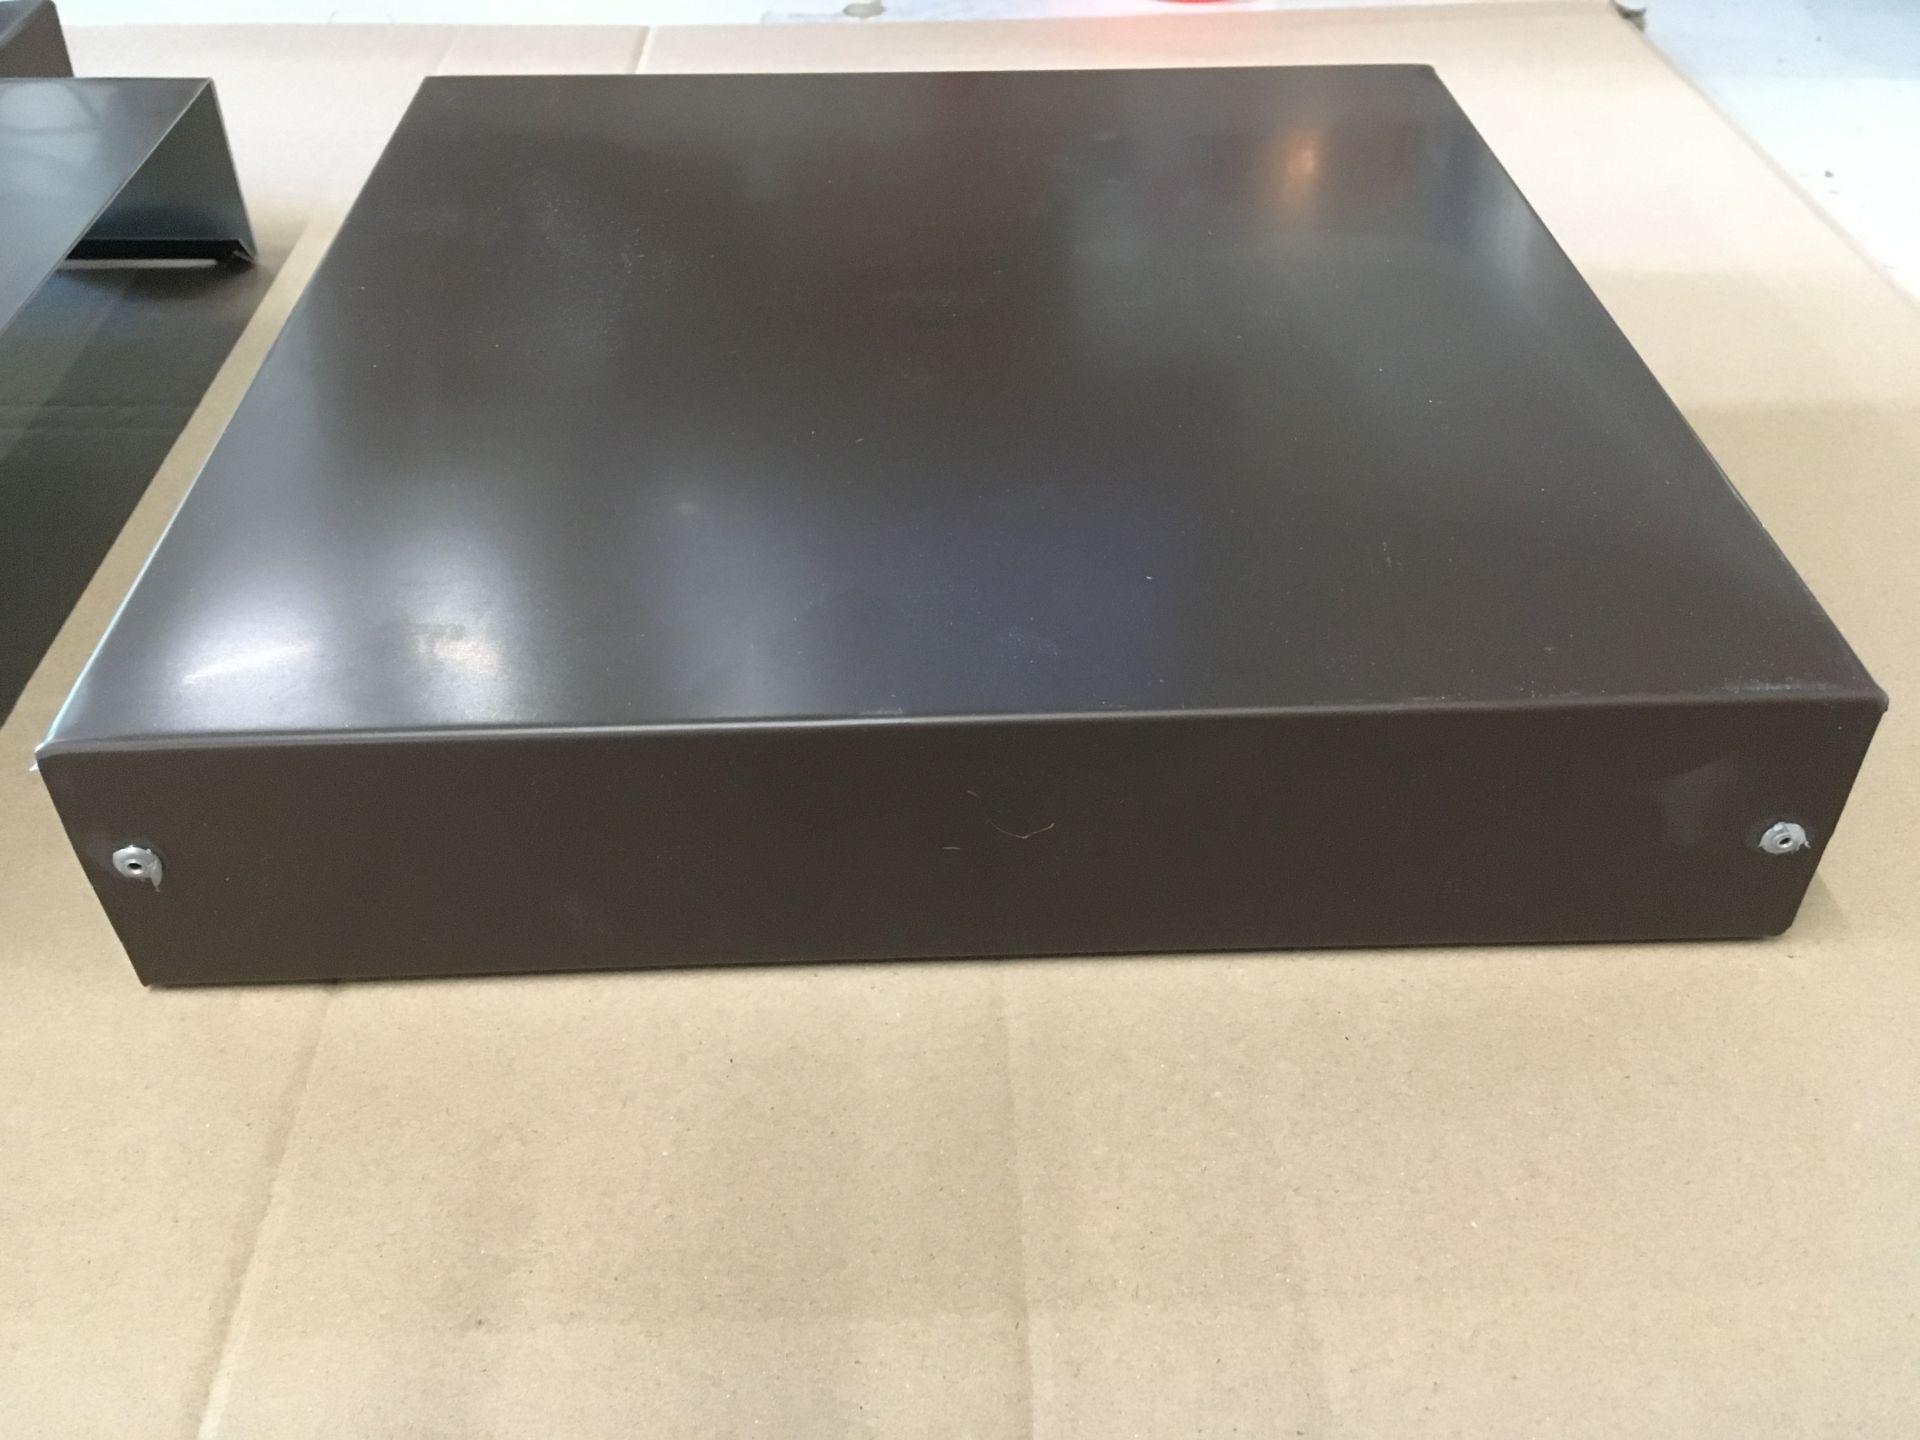 Pfeilerabdeckung und T-Stück in Aluminium braun, Abdeckungsbreite 27cm